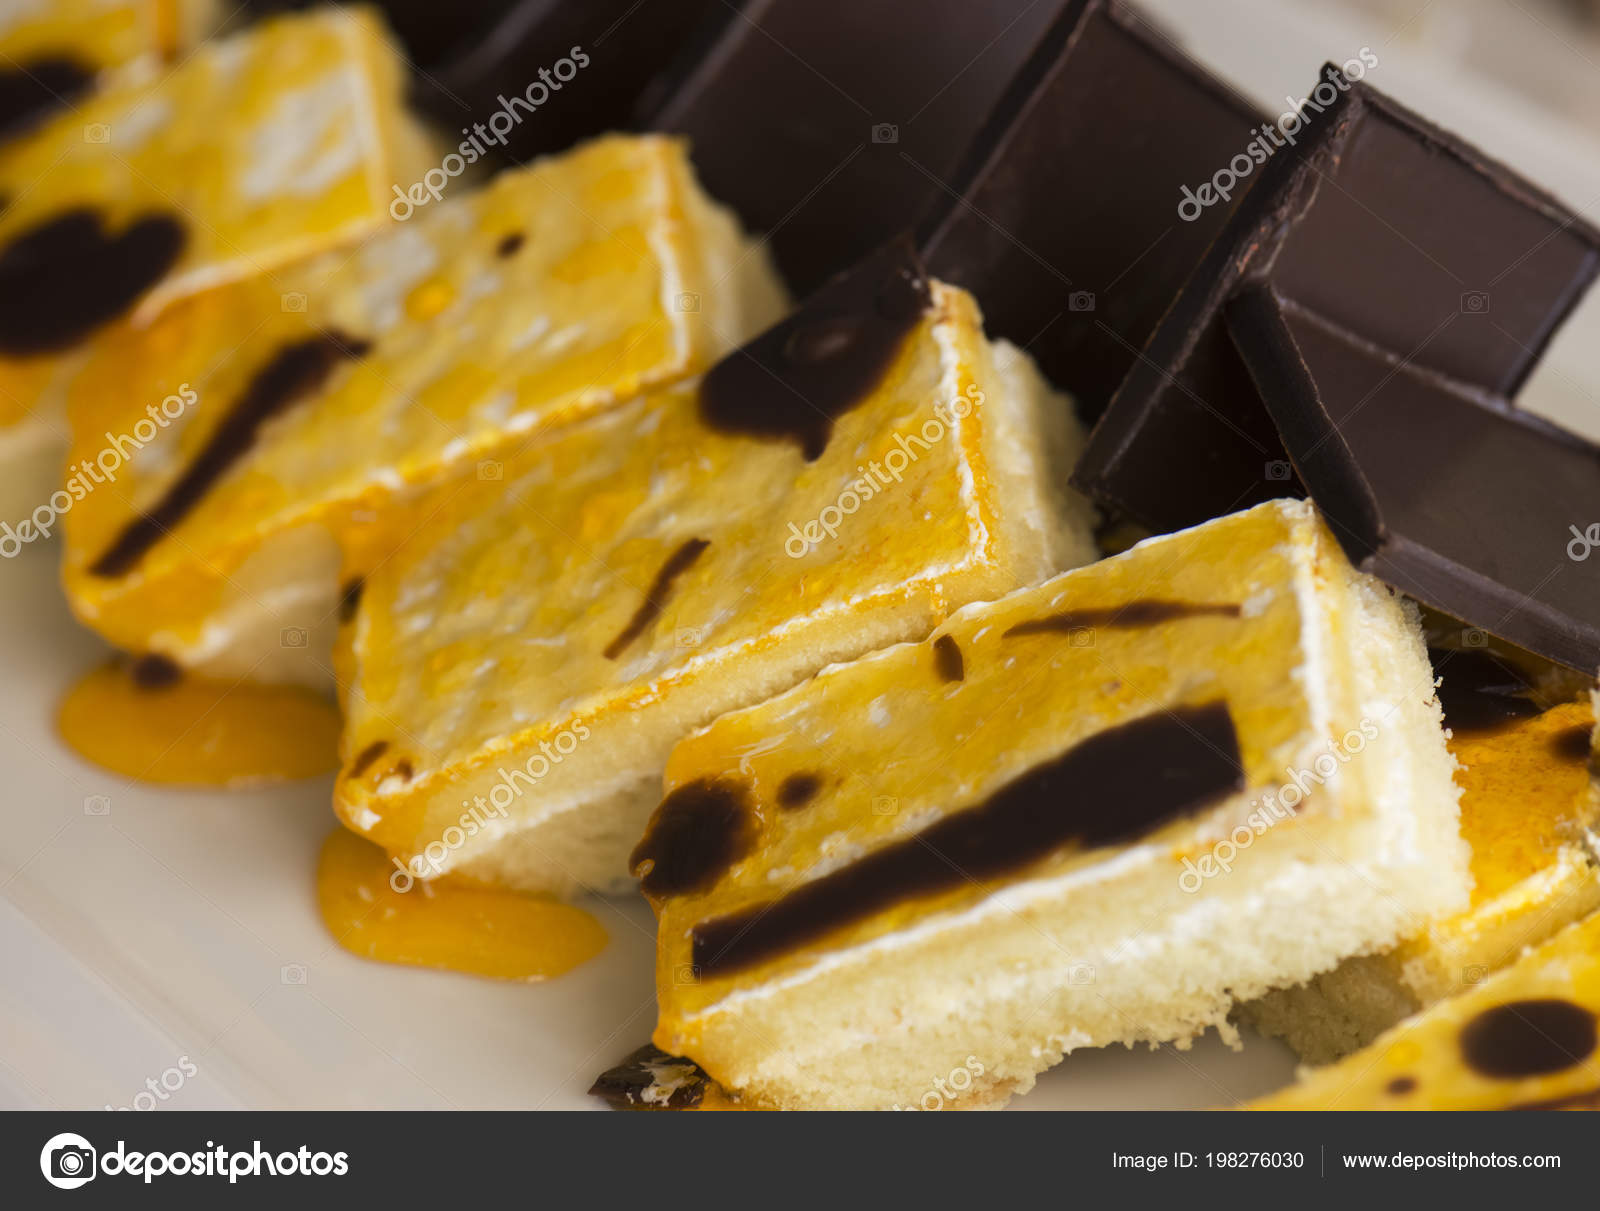 Keks Kuchen Mit Banane Marmelade Und Schokolade Auf Einem Weissen